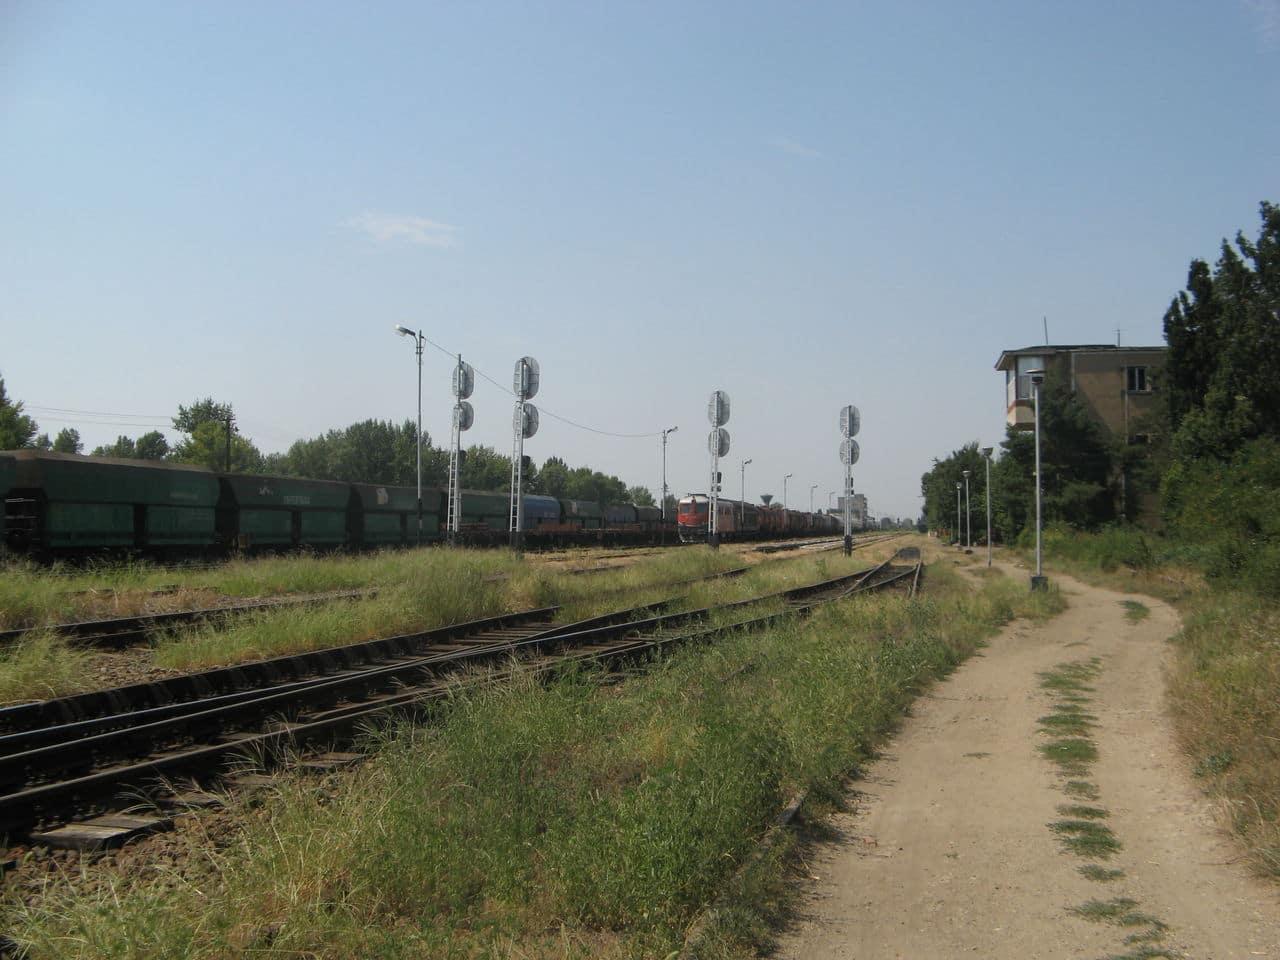 Calea ferată directă Oradea Vest - Episcopia Bihor IMG_0078